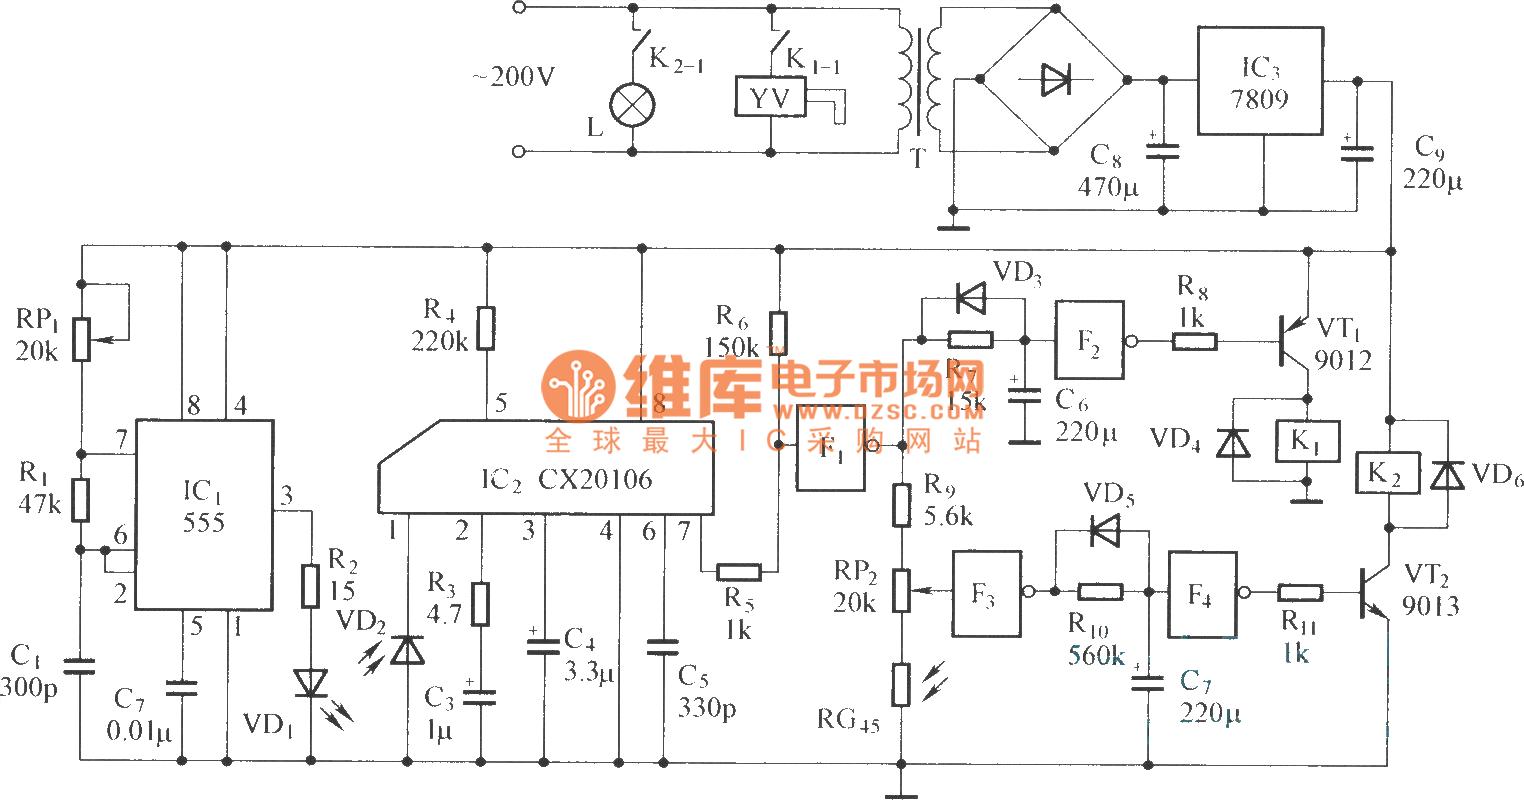 Electric Fence Part 8 Automotivecircuit Circuit Diagram Seekic